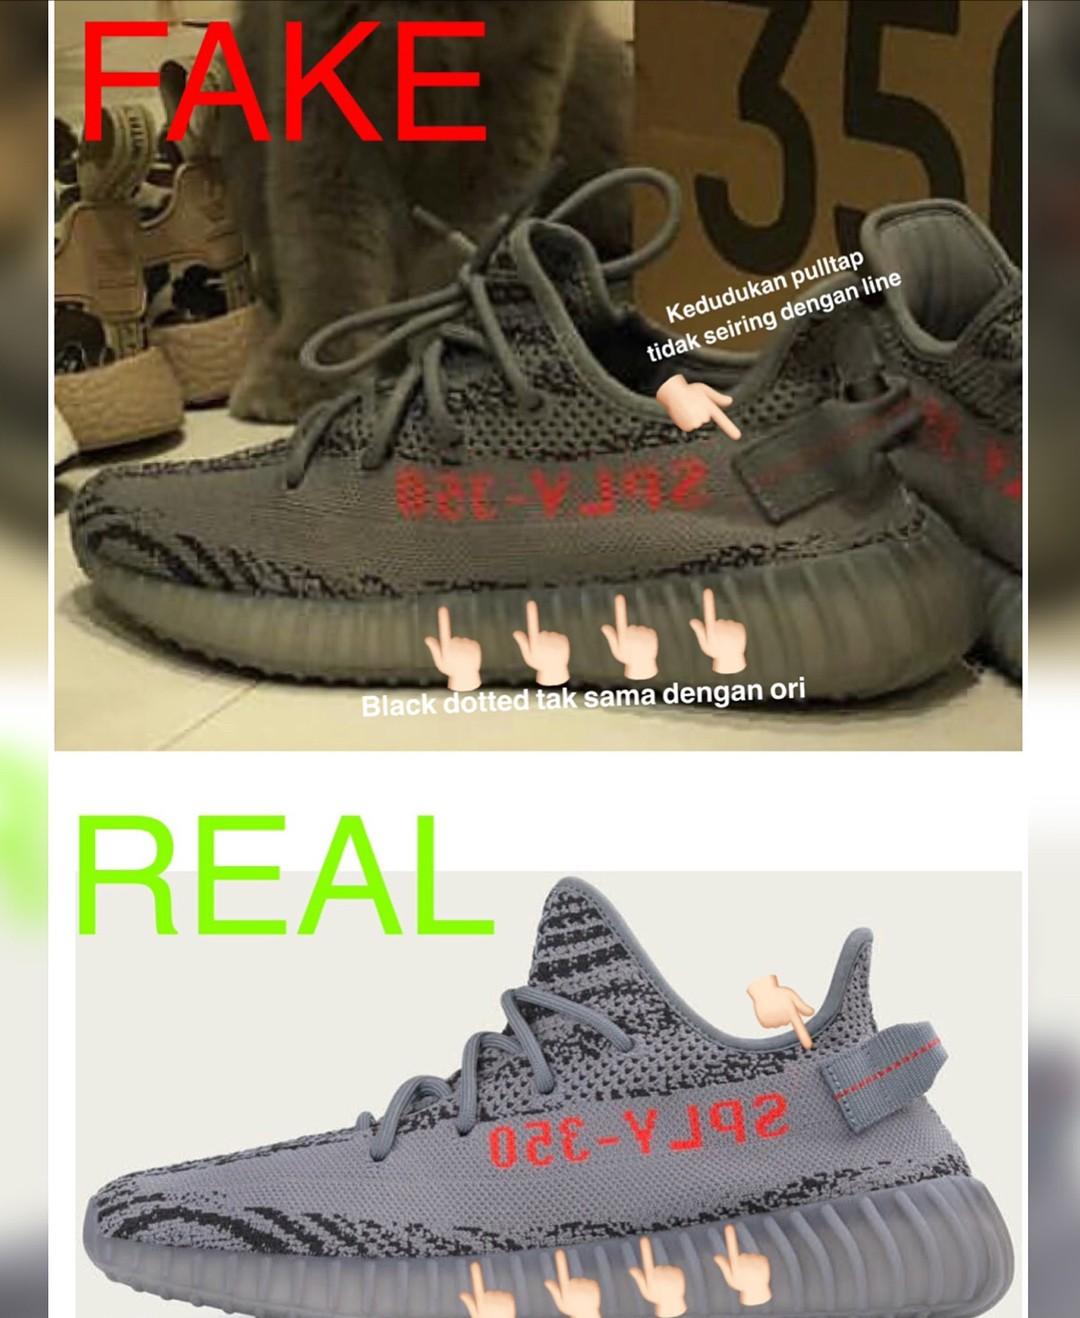 Boleh beza original atau fake?